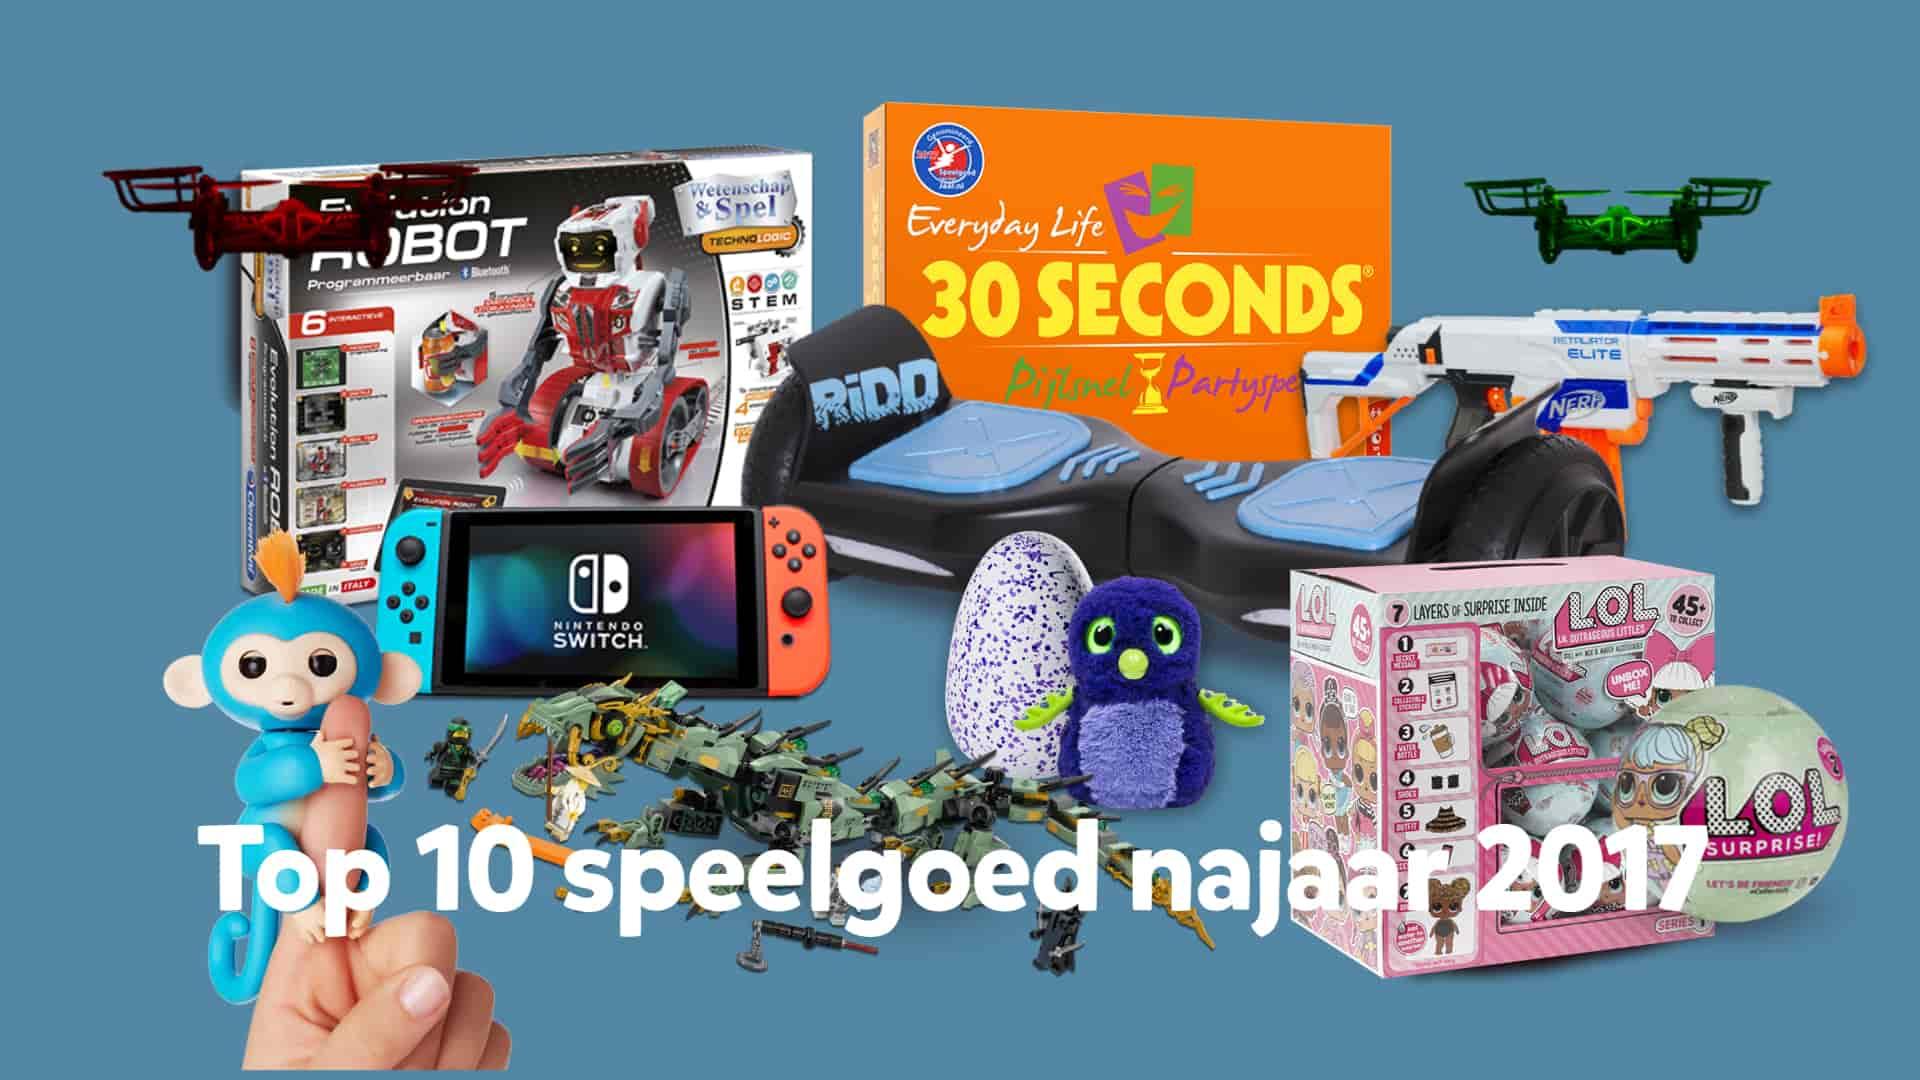 trends op speelgoedgebied:  Robotica en unboxing